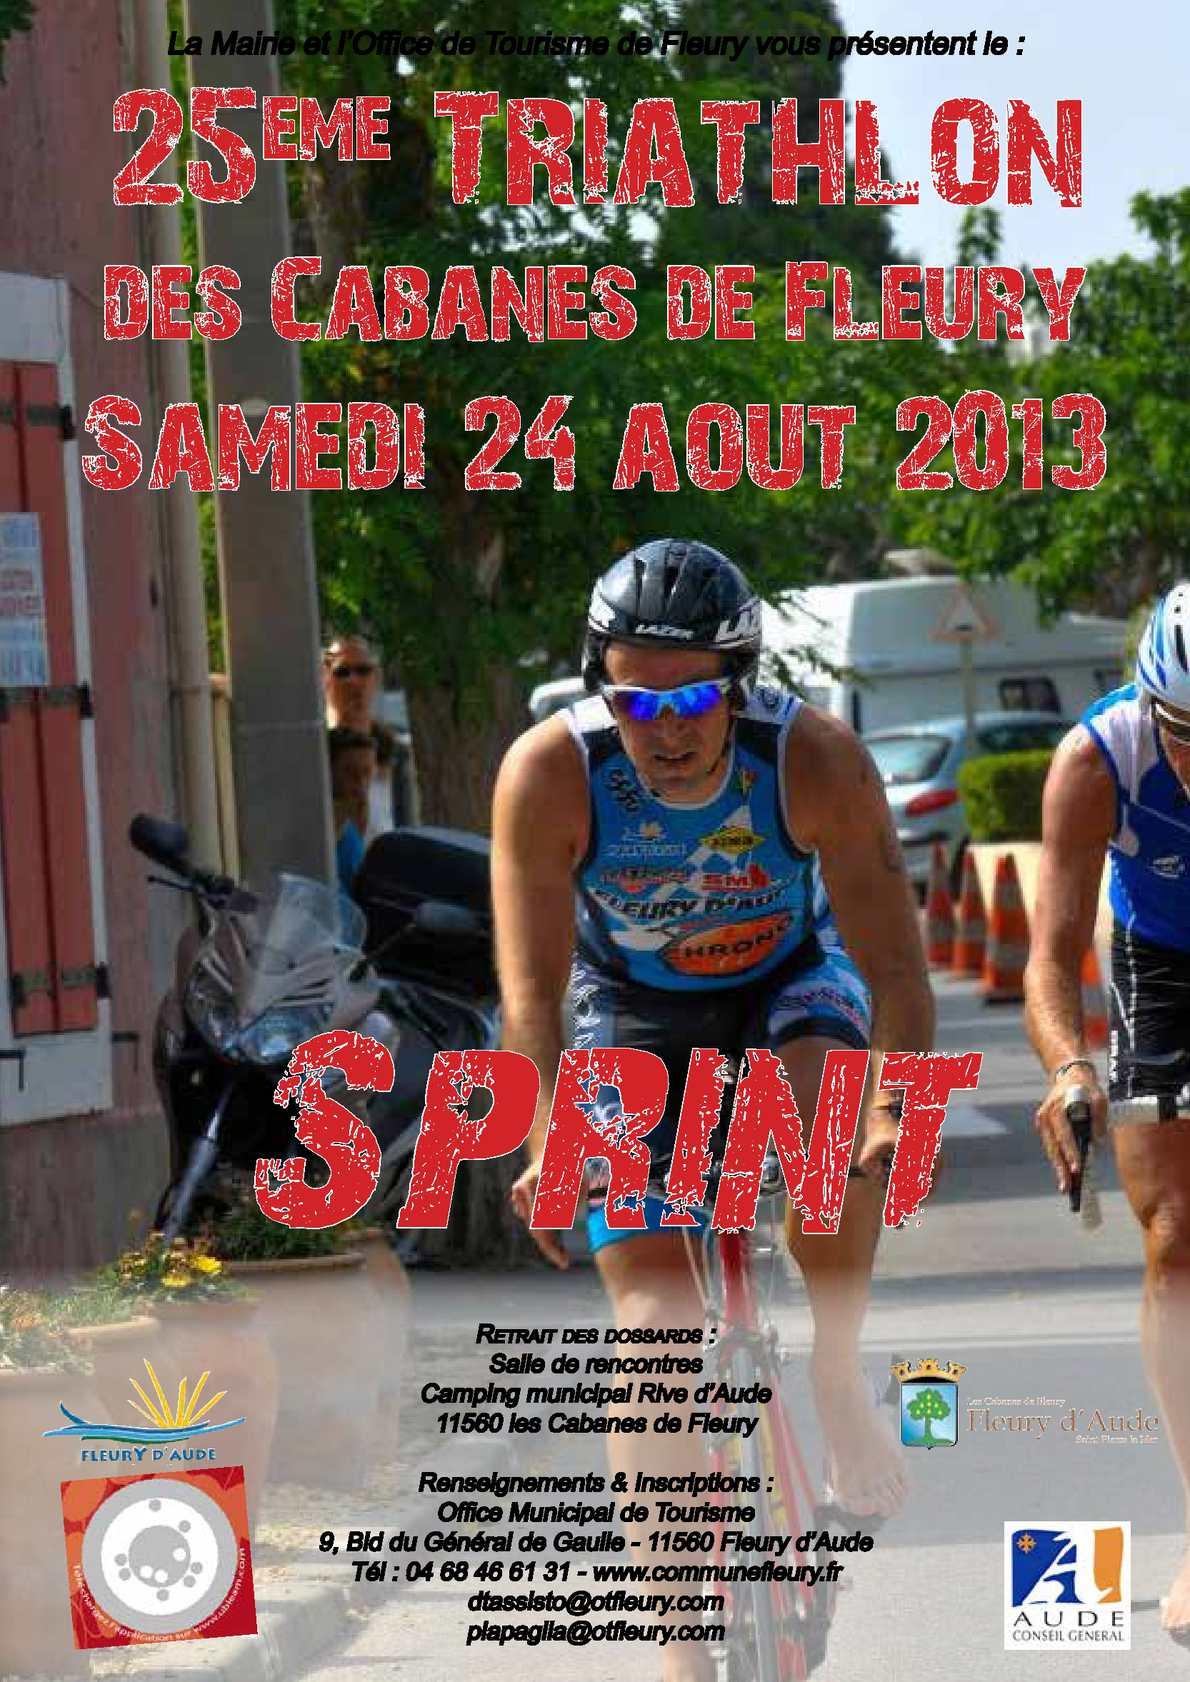 Calam o triathlon des cabanes de fleury 2013 bulletin d 39 inscription - Office tourisme fleury d aude ...